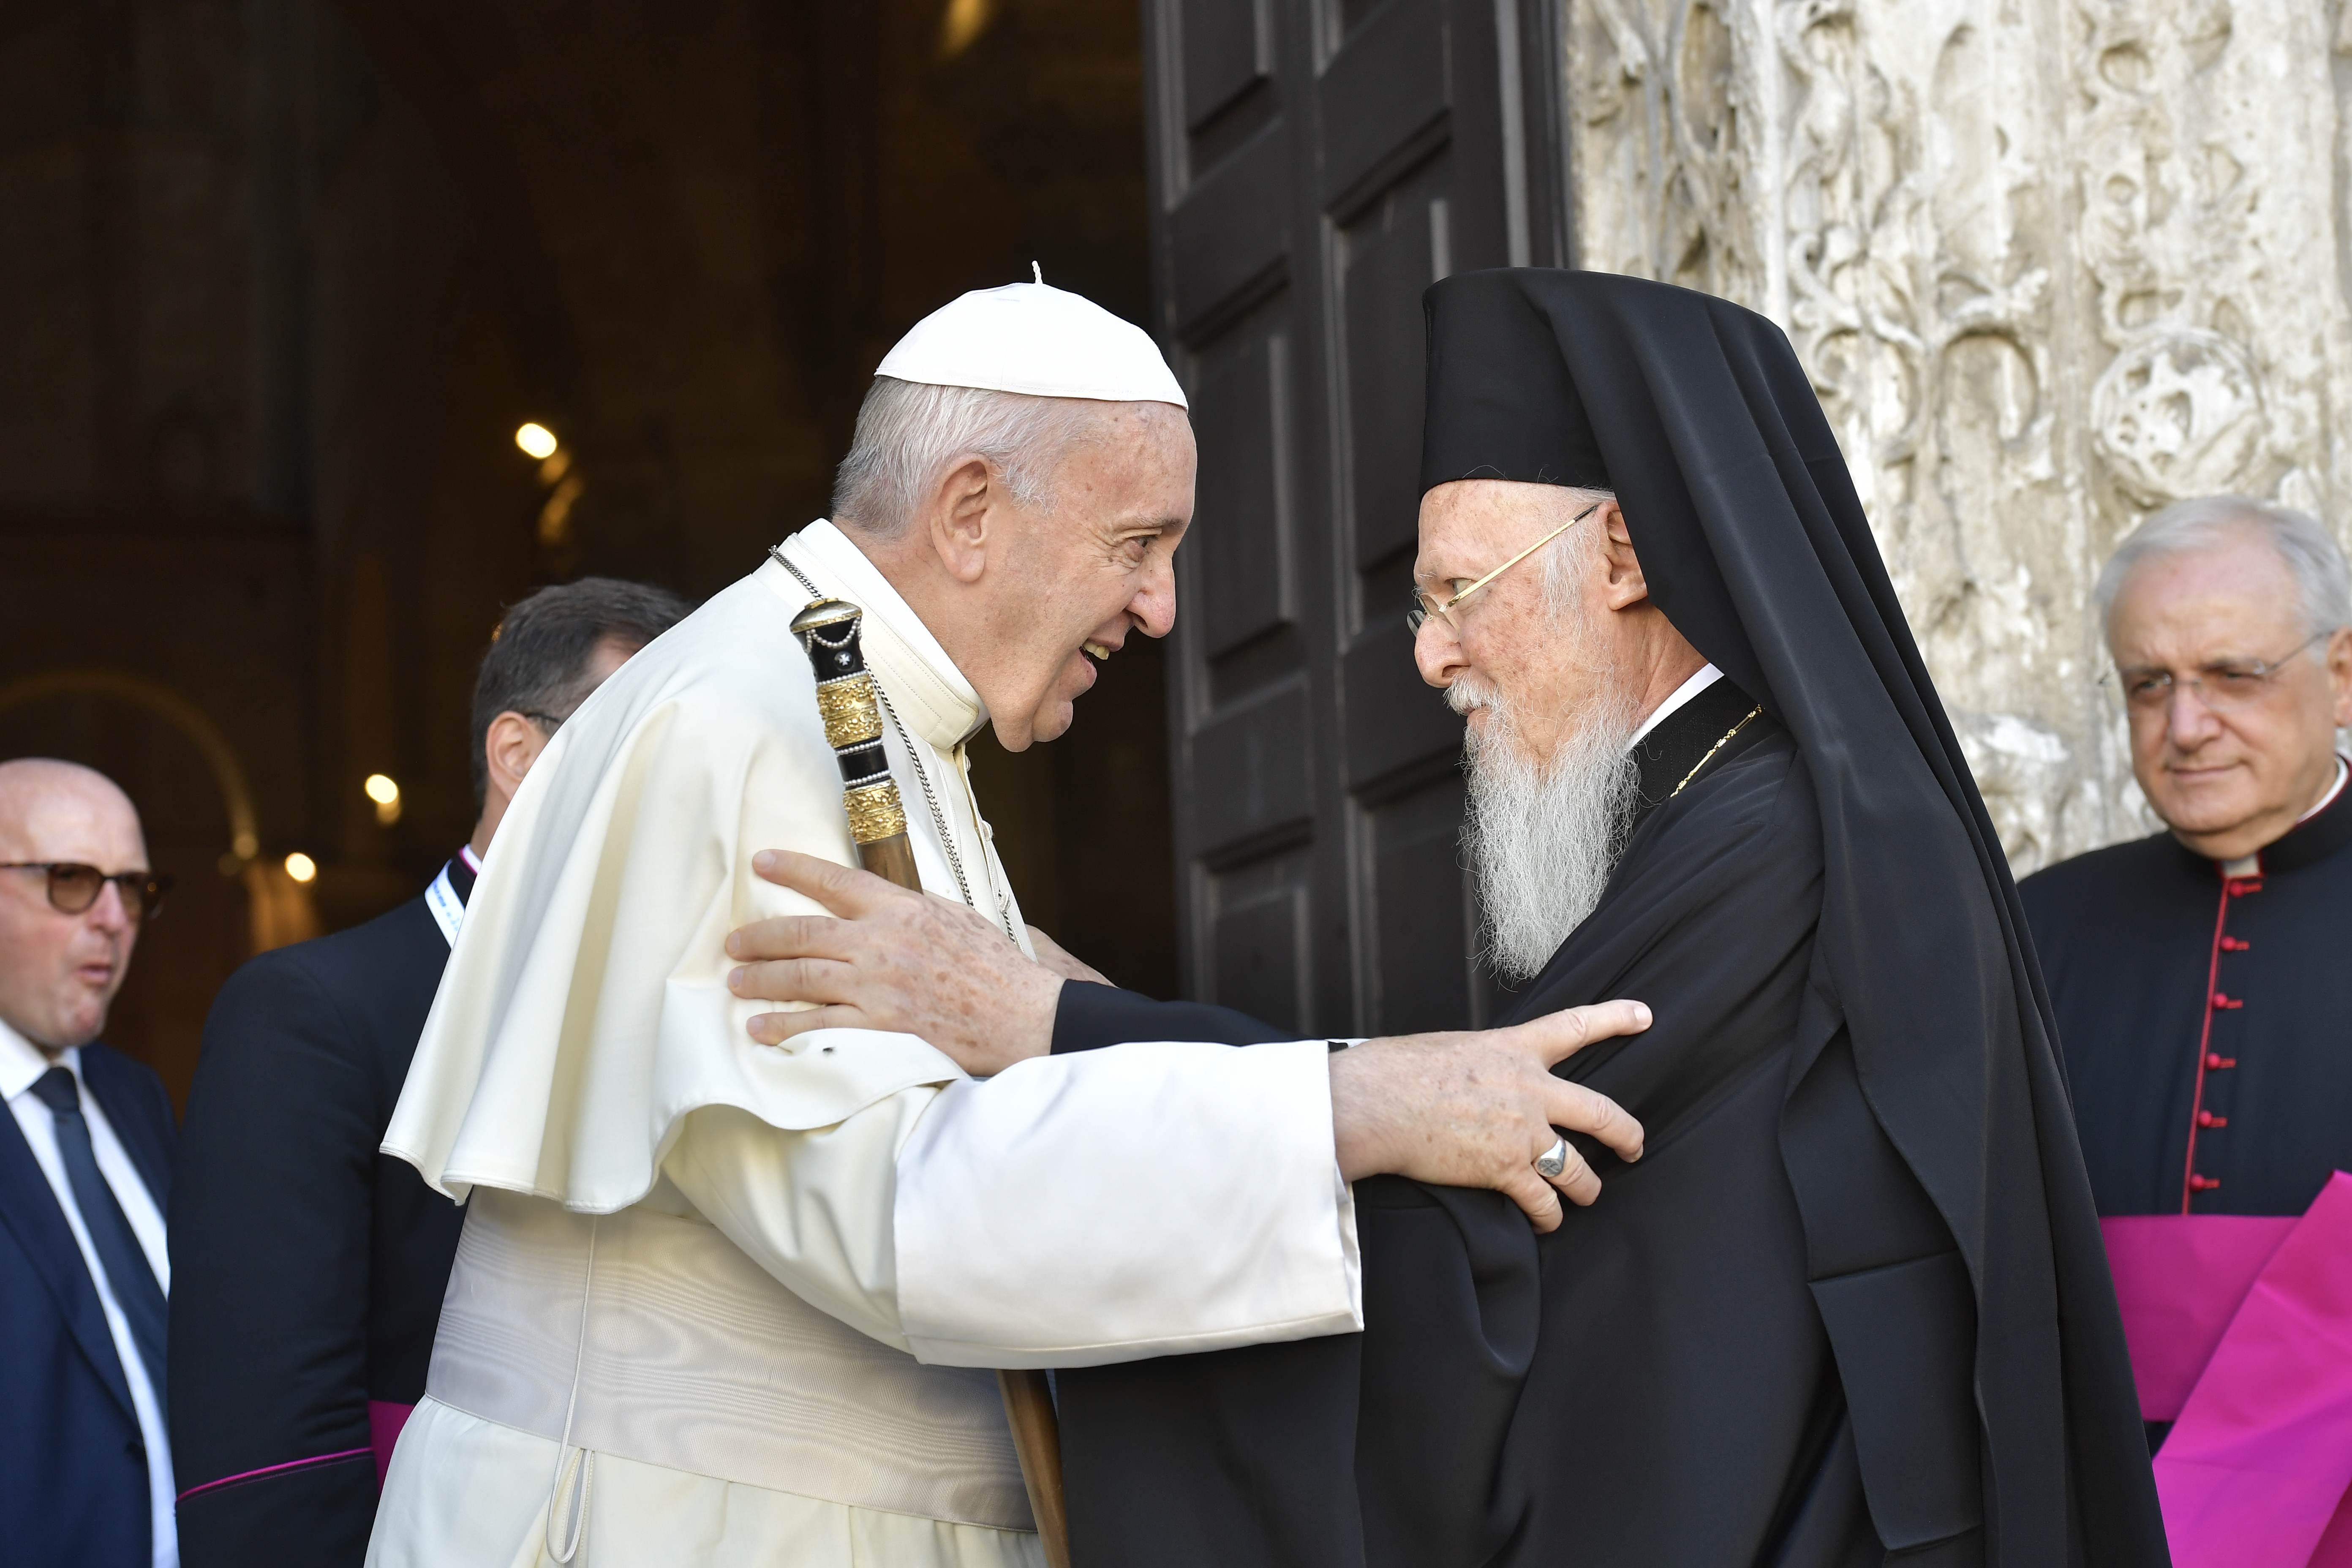 Le pape François accueille le patriarche Bartholomée à la basilique S. Nicolas, à Bari (Italie) 7/7/2018 © Vatican Media